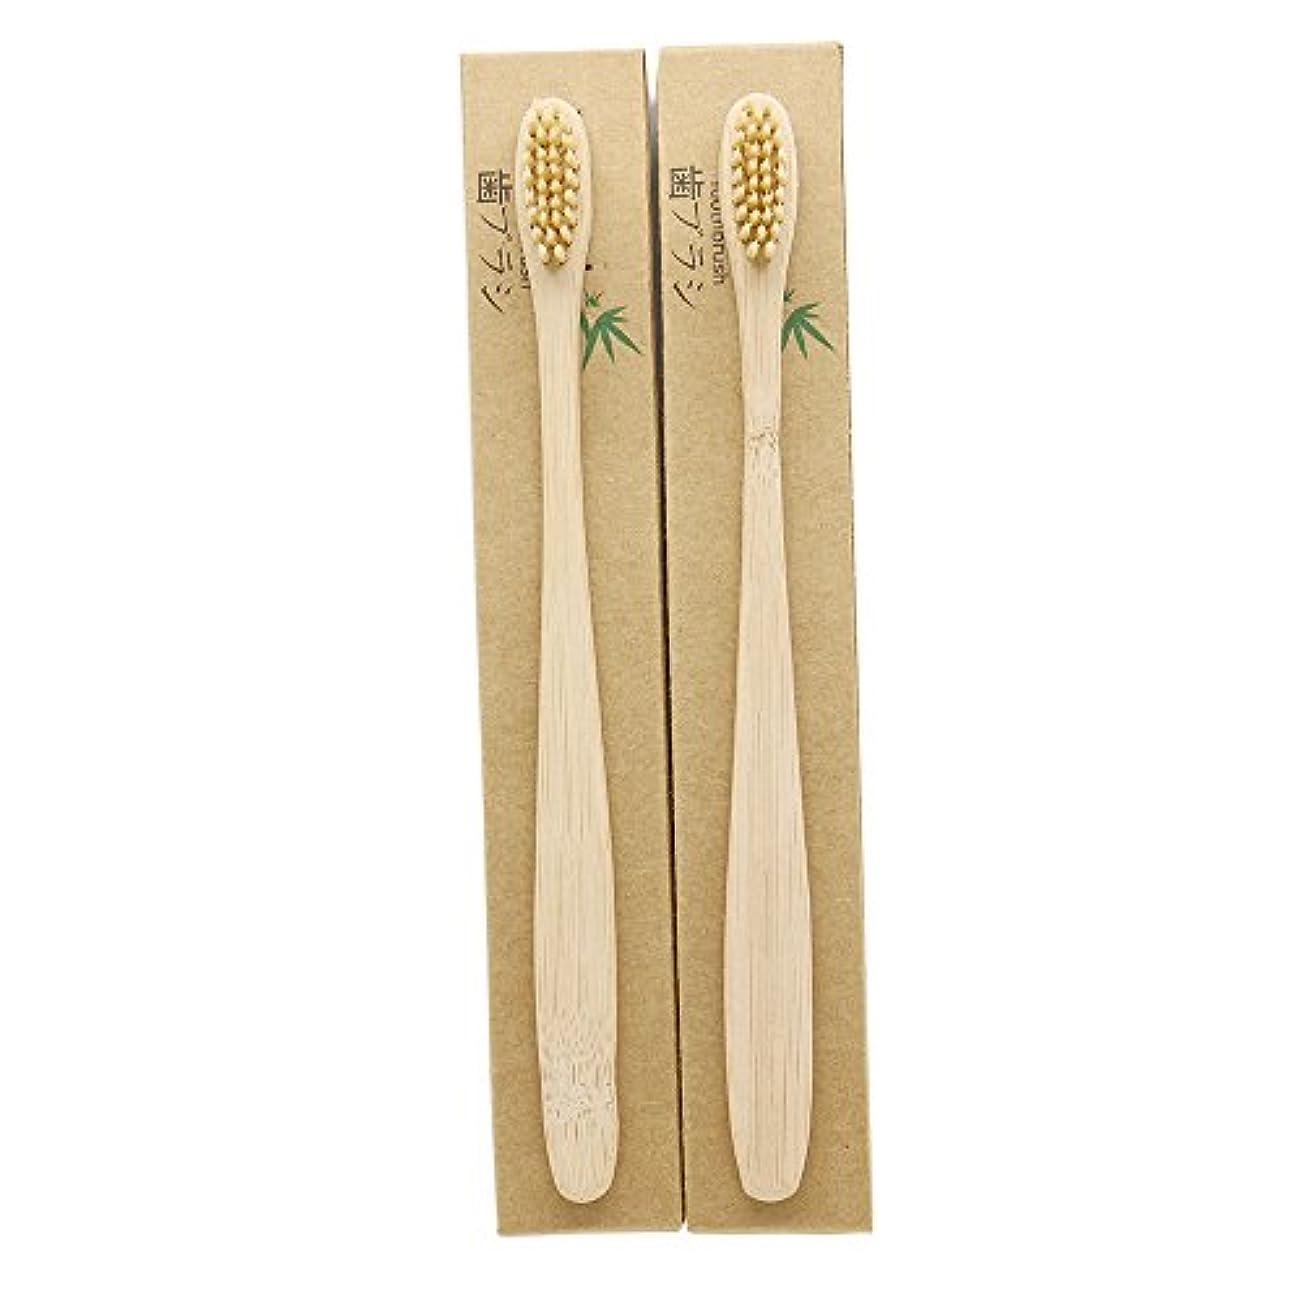 思慮のない常習者鉱石N-amboo 竹製耐久度高い 歯ブラシ 2本入り セット エコ ヘッド小さい クリ—ム色